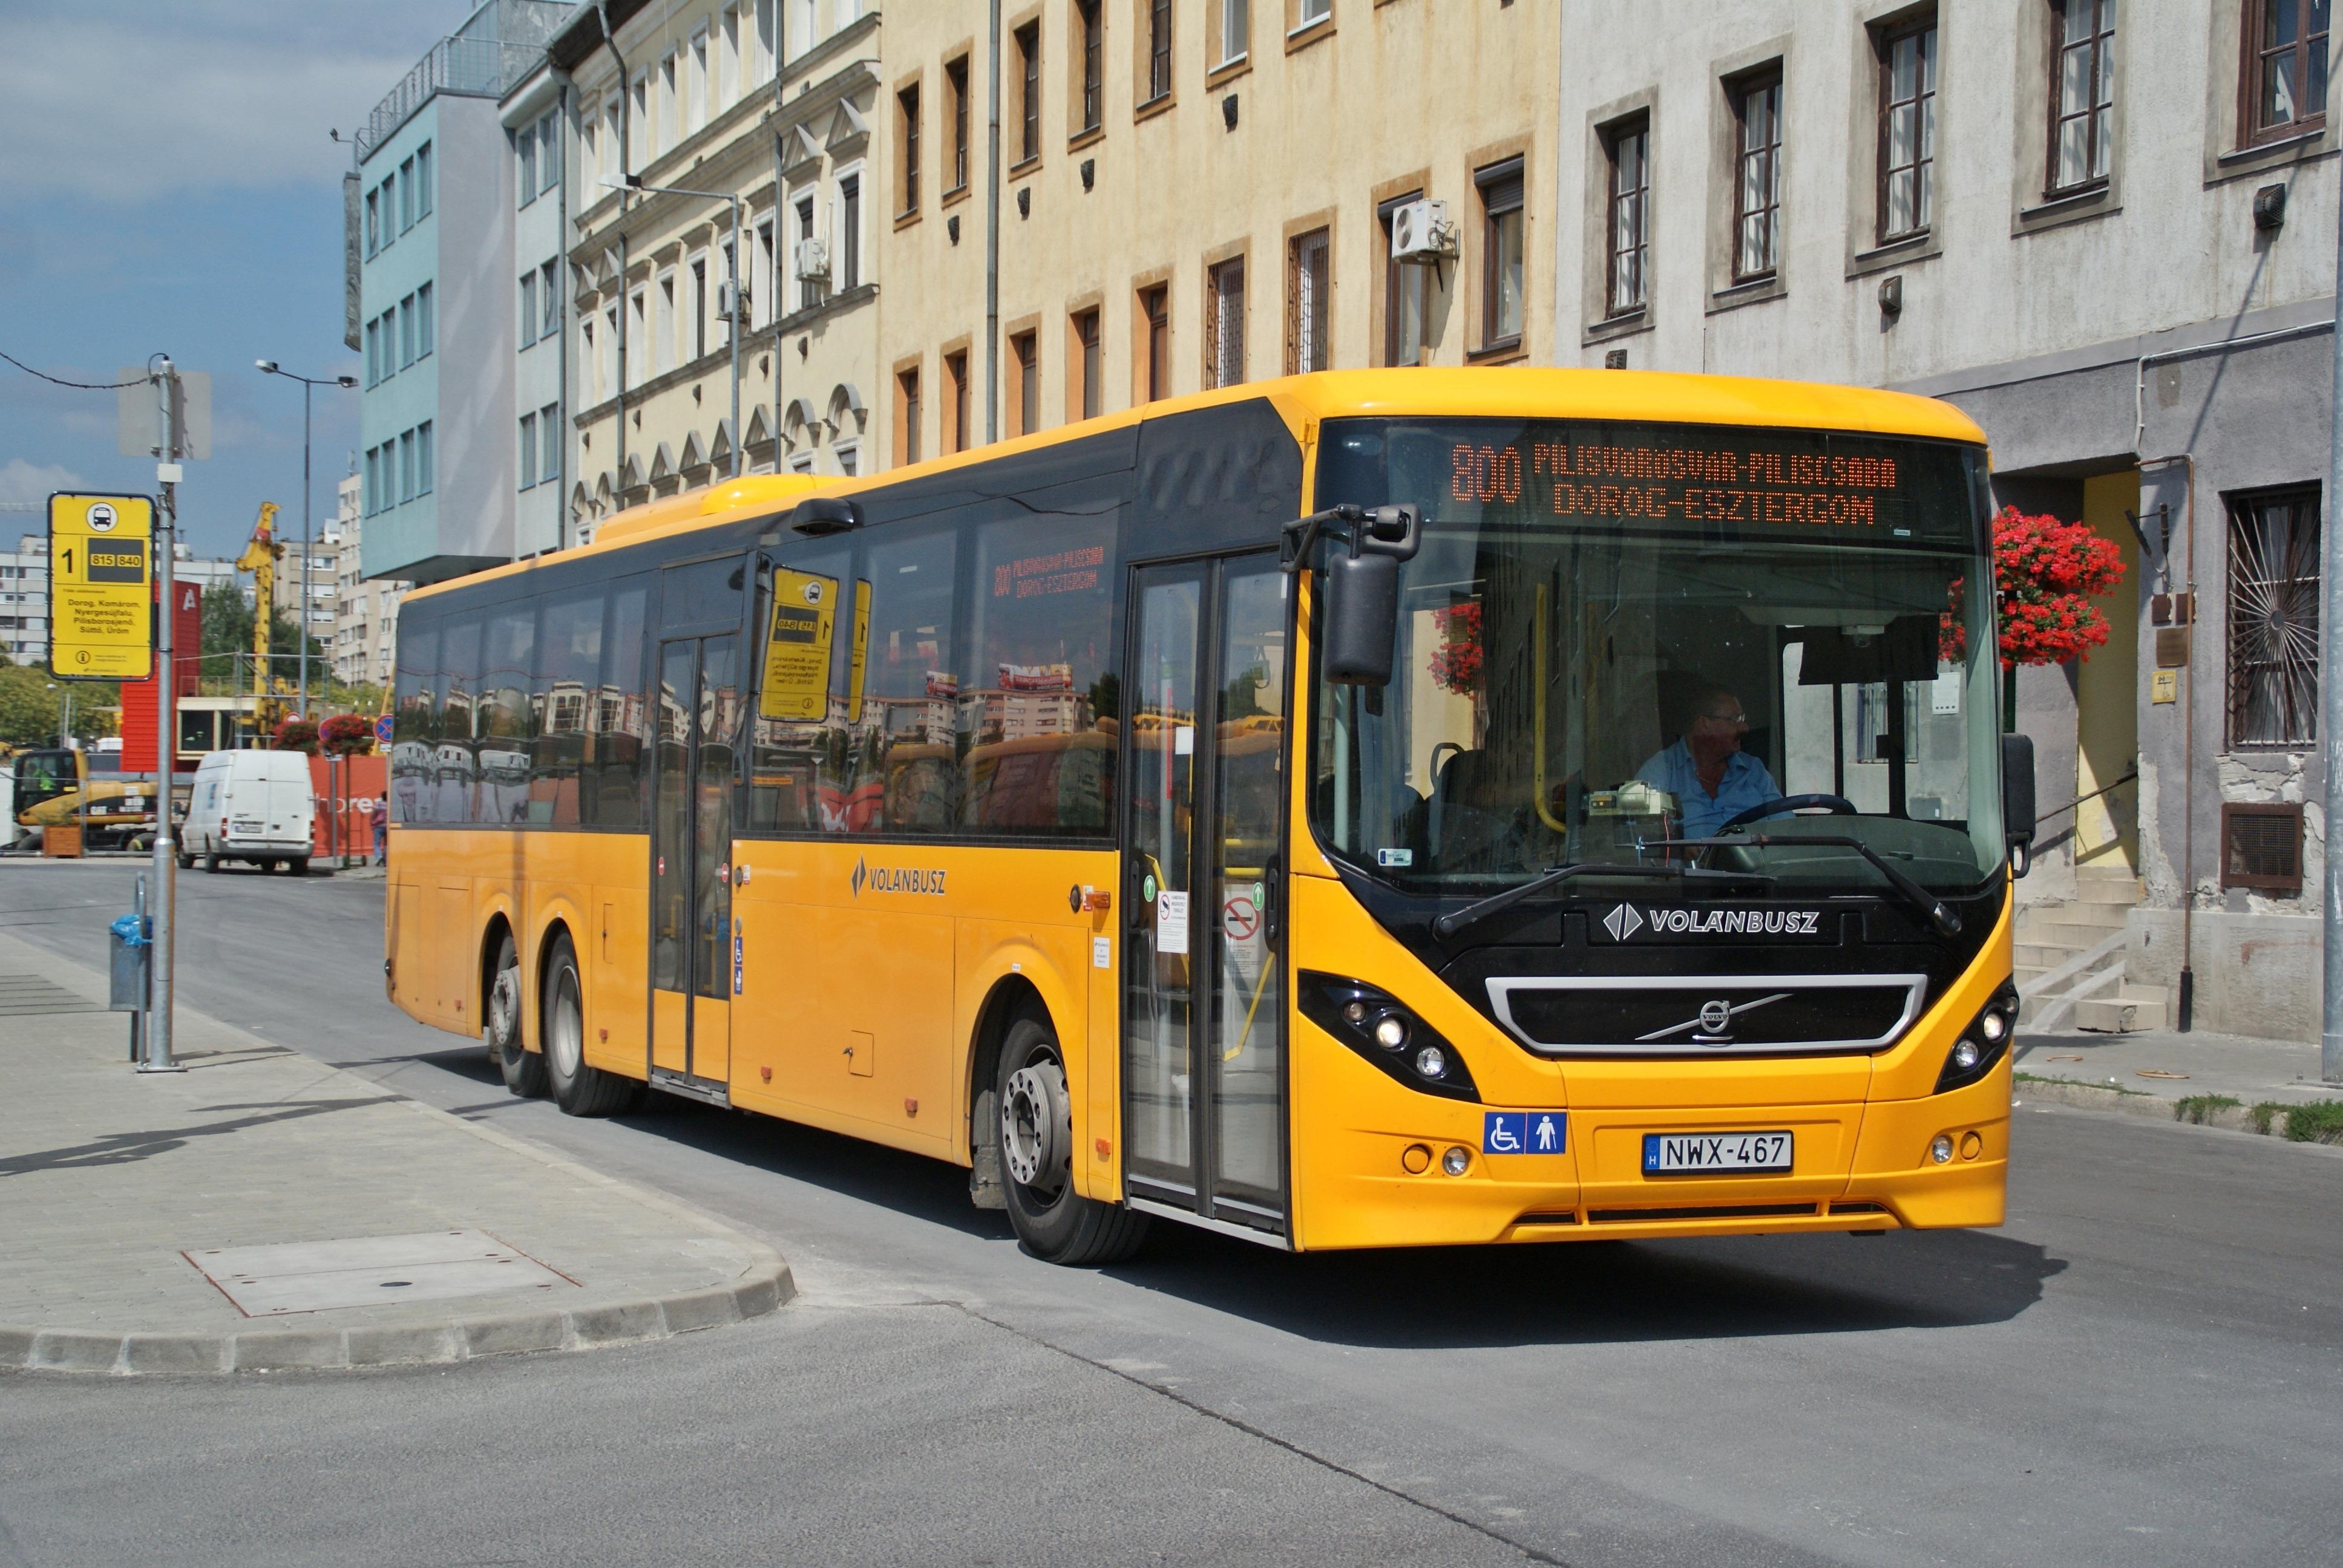 Az esztergomi vonalon a vasút lesz a fő közlekedési tengely, amelyre a buszok ráhordanak (fotó: Bódi Balázs)